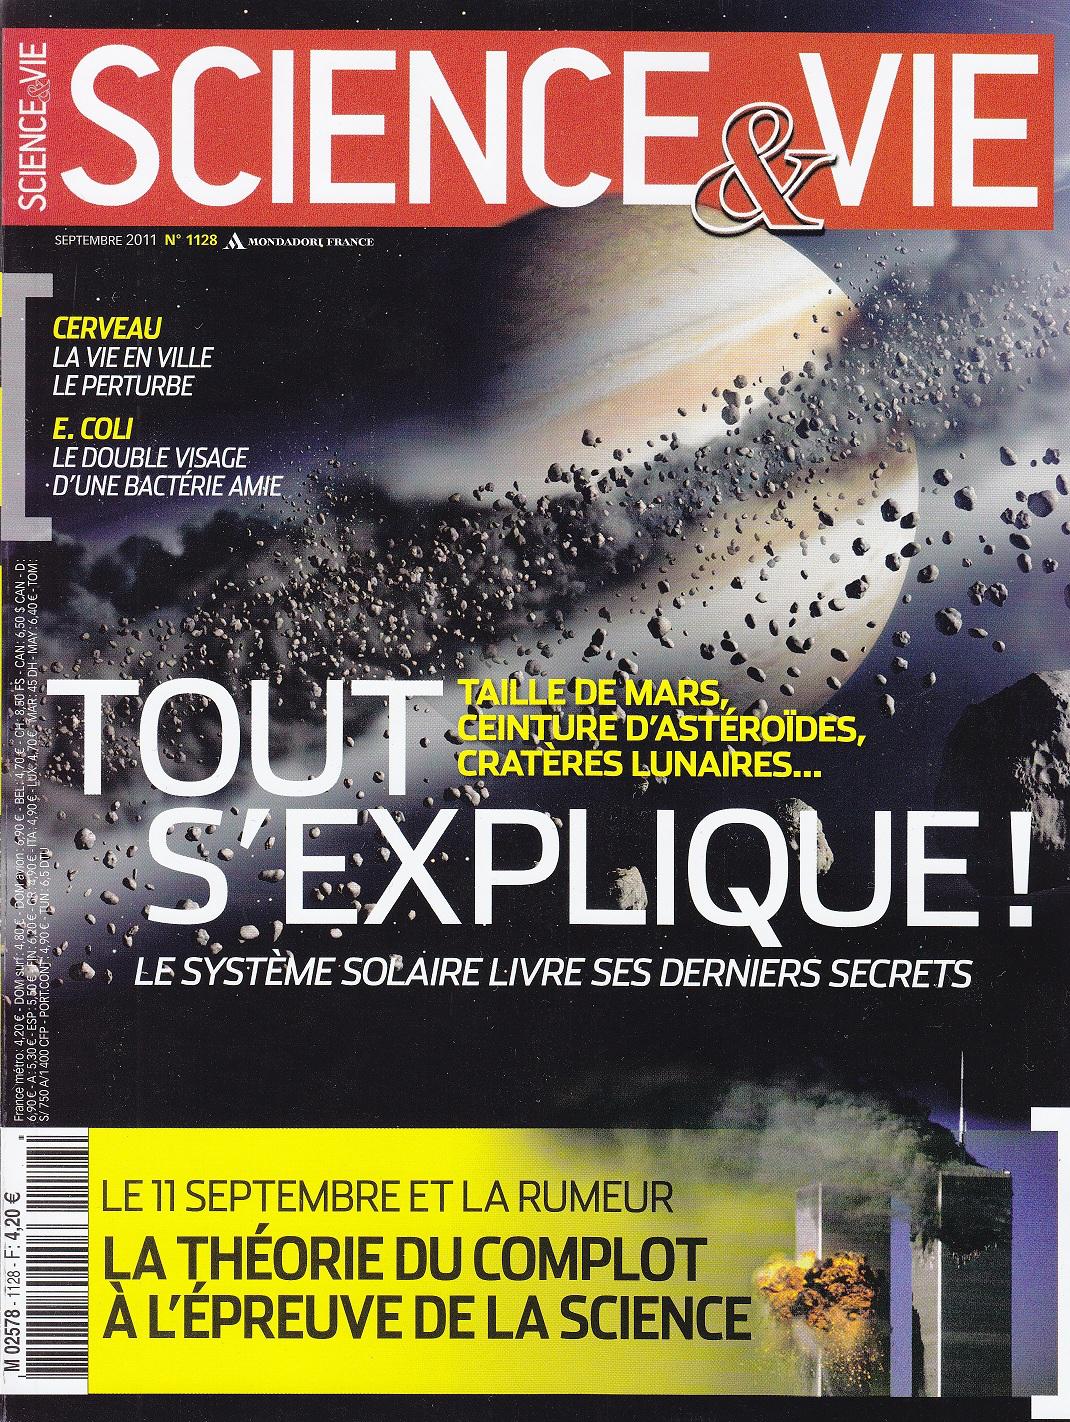 Dernier numéro de Science et Vie gratuit en version numérique